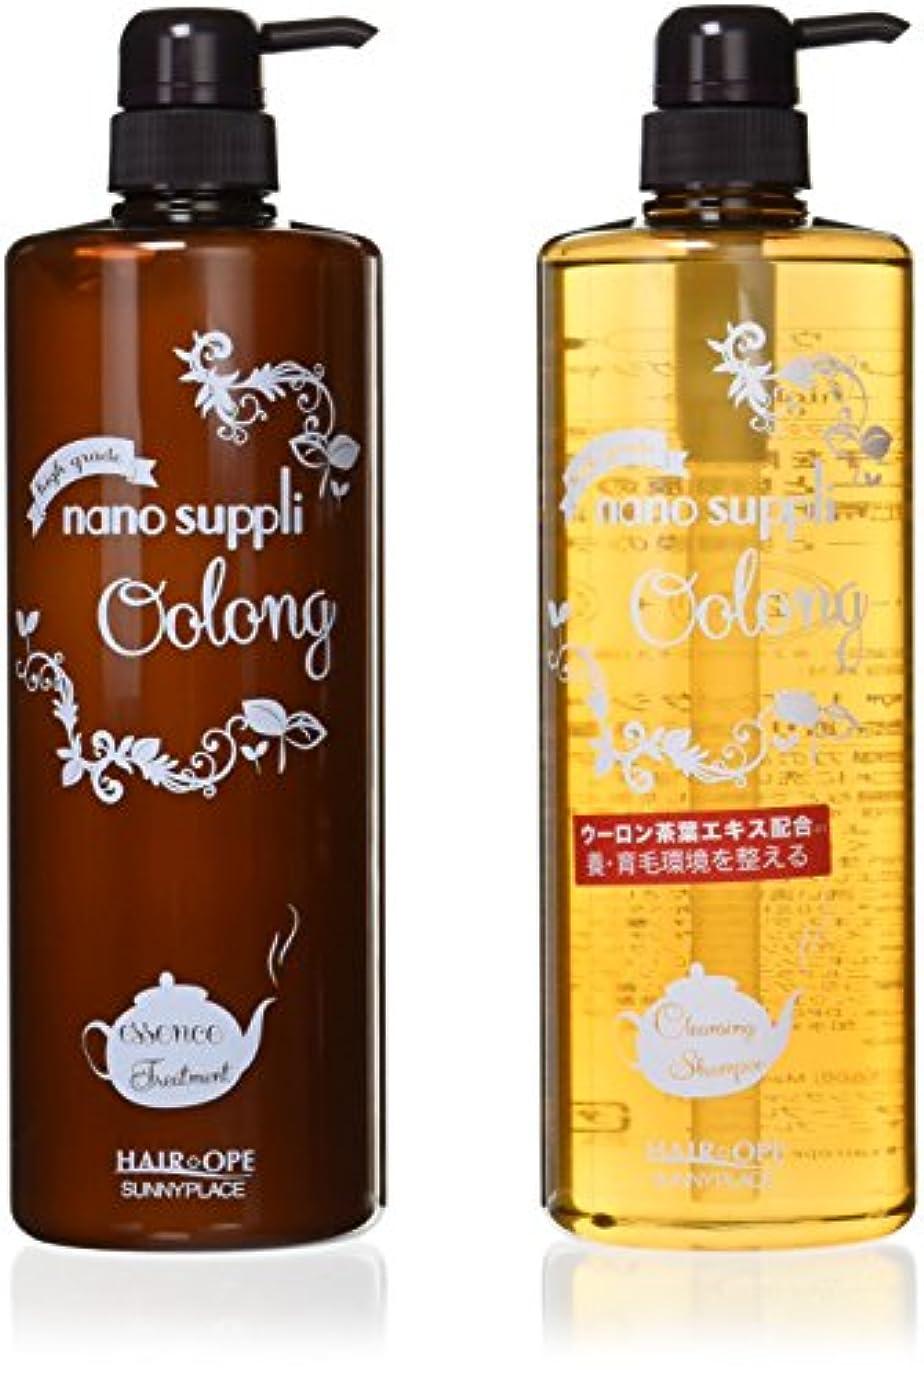 篭気配りのあるシュガー2点セット サニープレイス ナノサプリ クレンジングシャンプー&コンディショナー ウーロン 1000ml ボトルセット